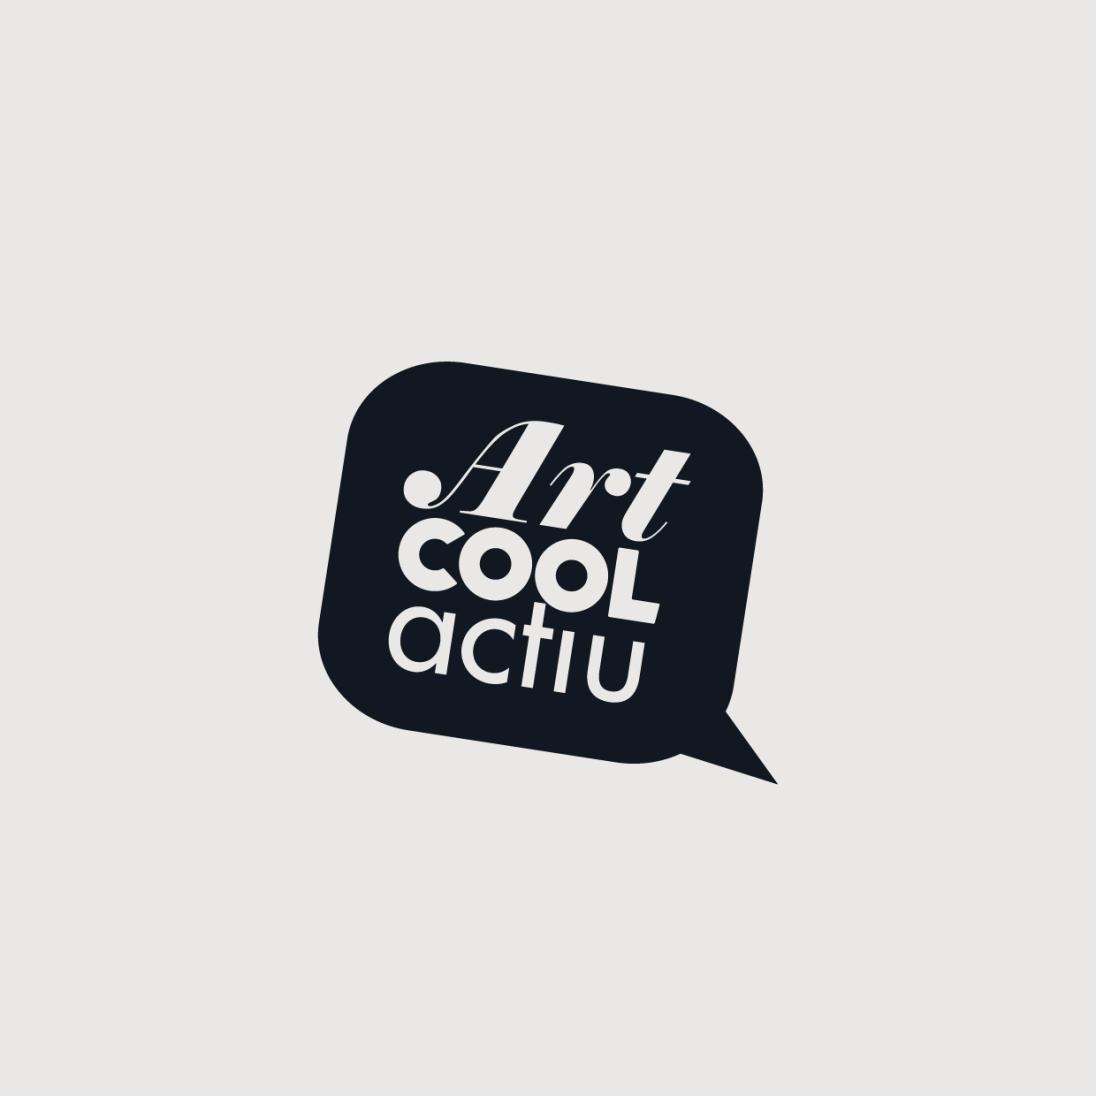 Associació Art CoolActiu